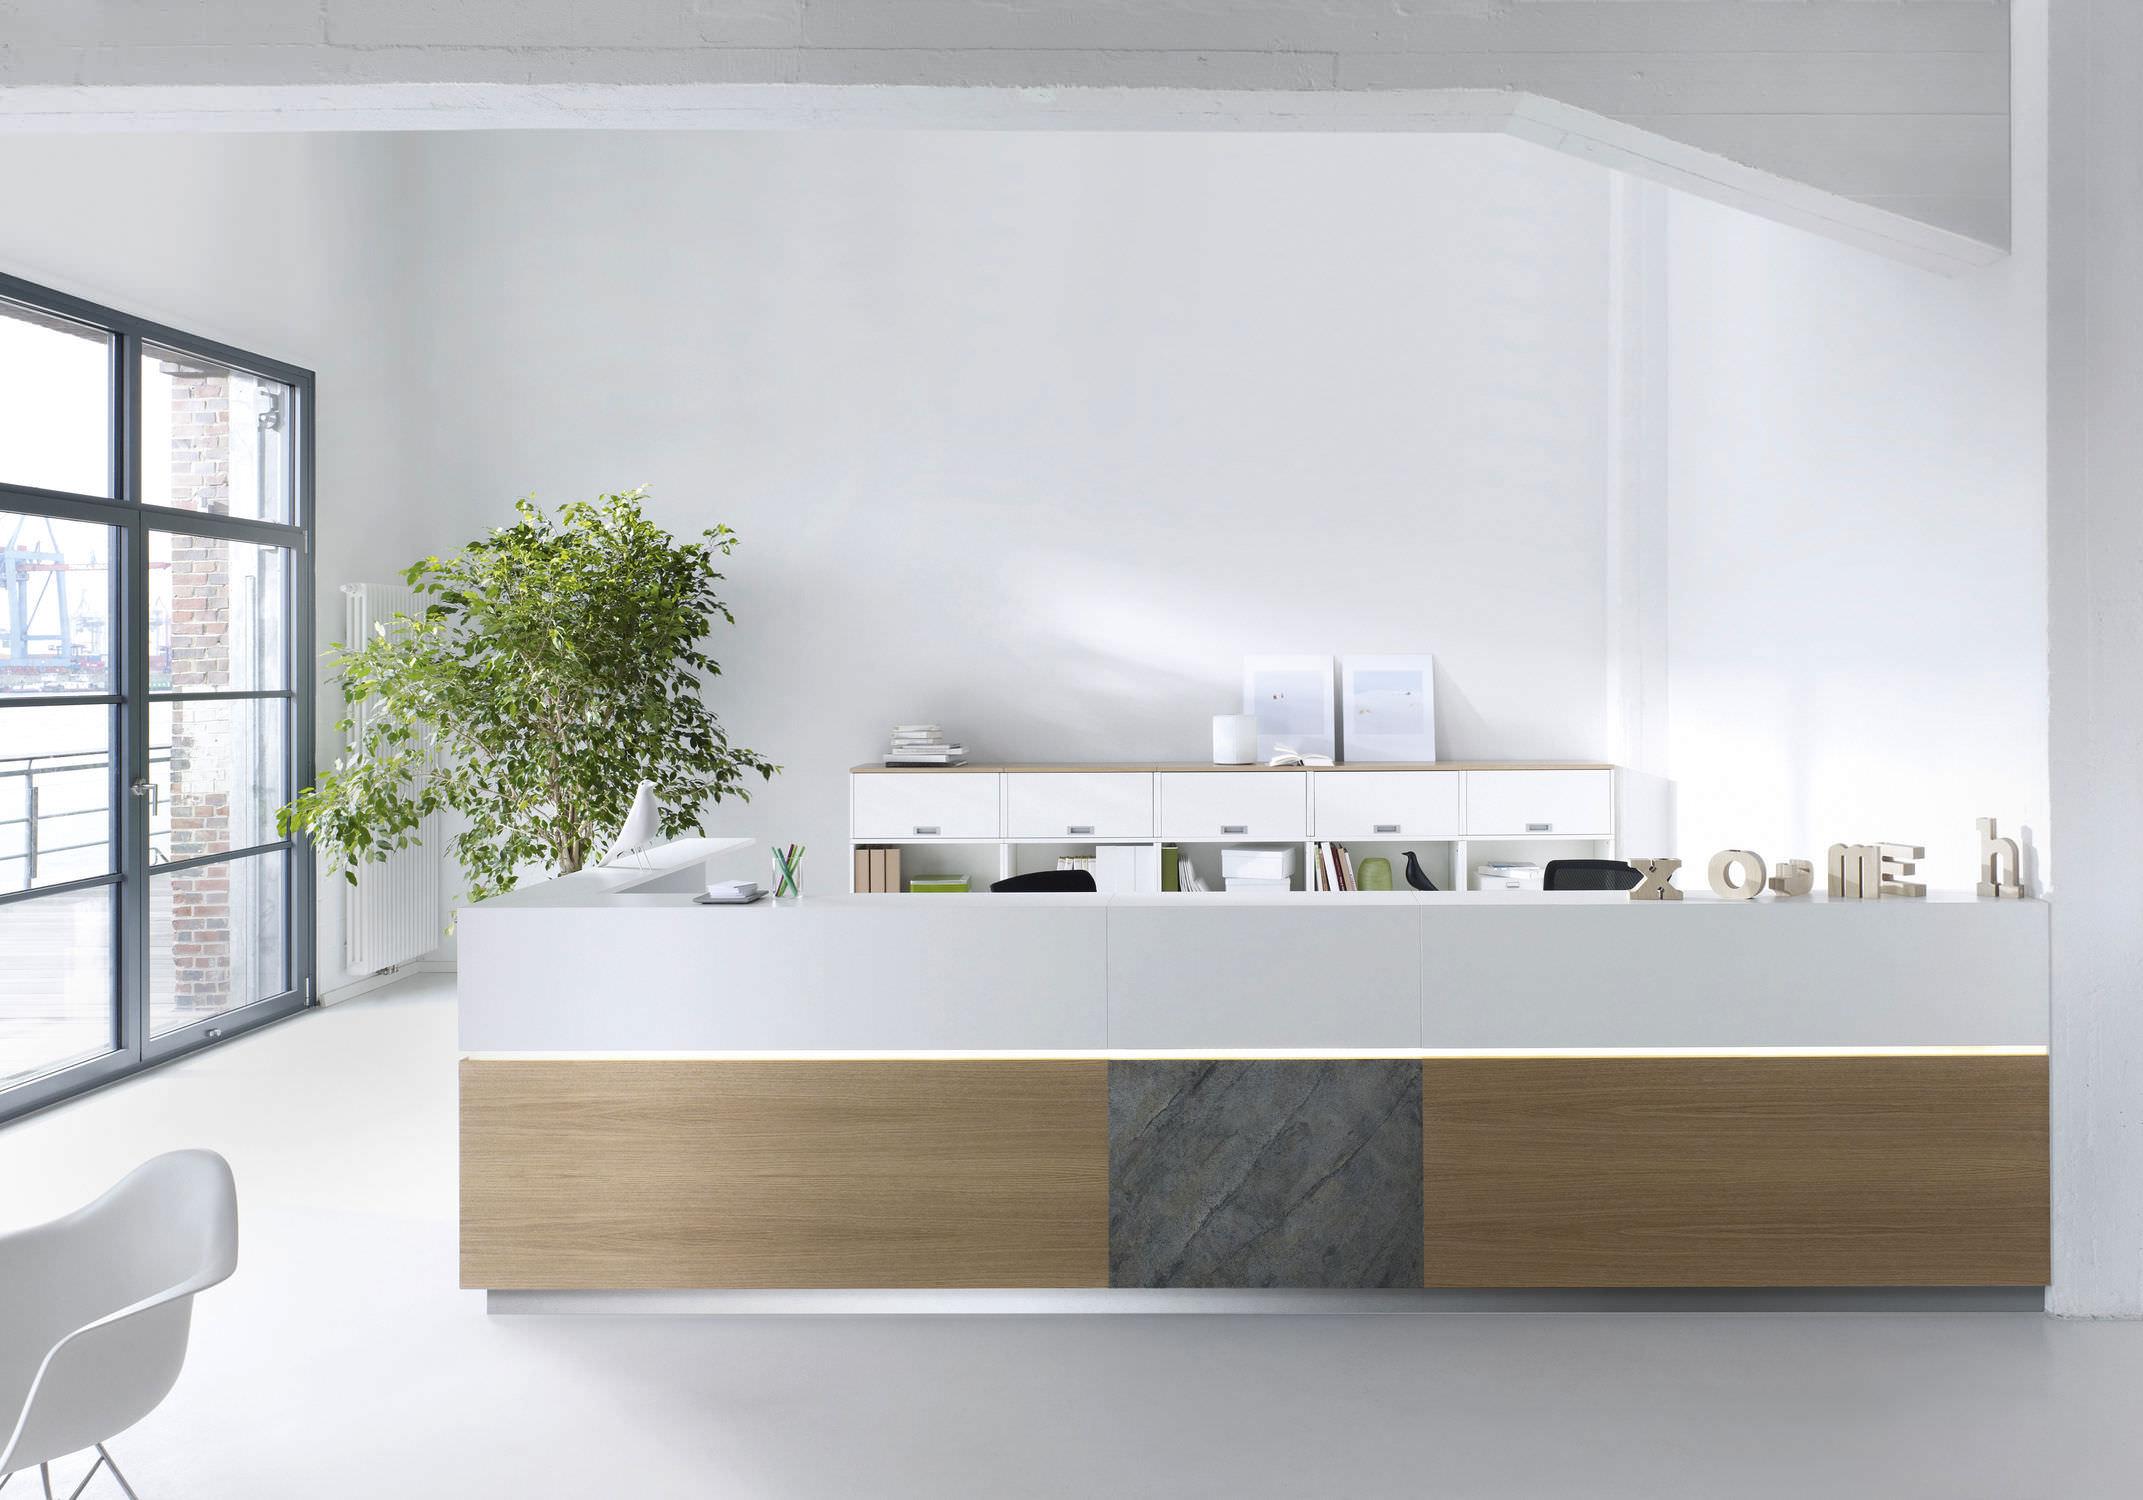 Holz-Empfangstheke - ENTREO - Hund Büromöbel